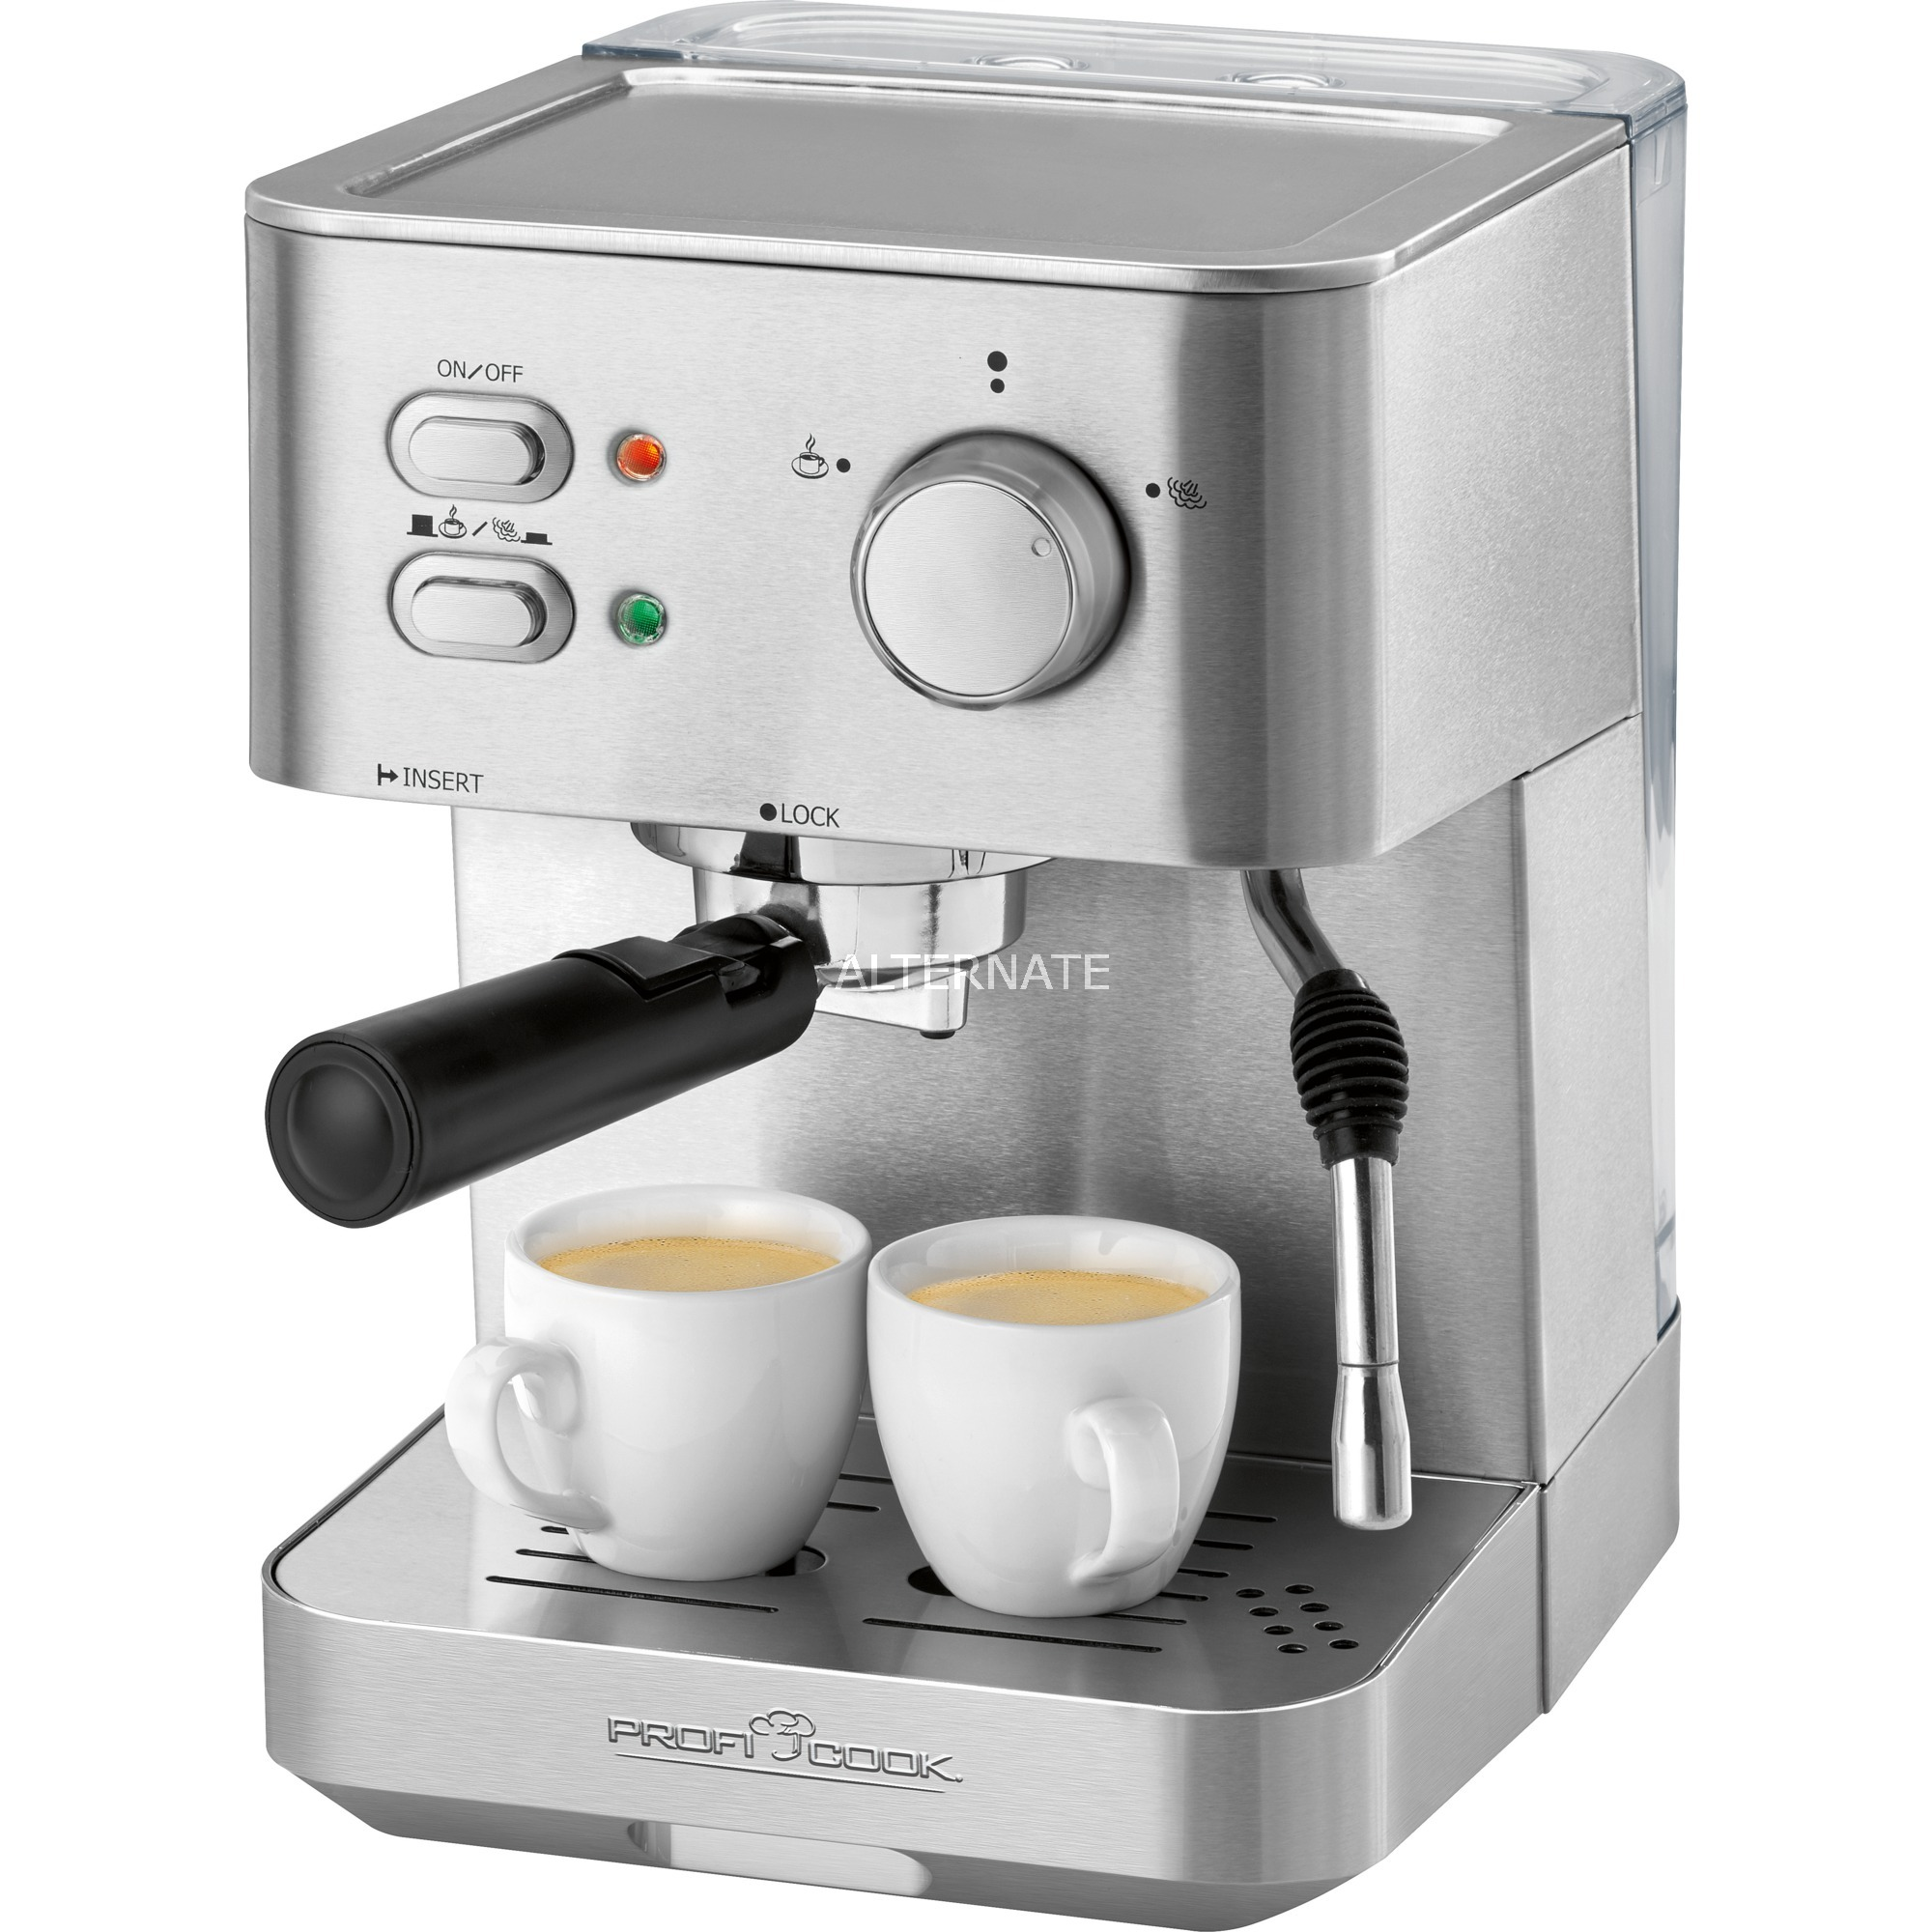 PC-ES 1109, Cafetera espresso